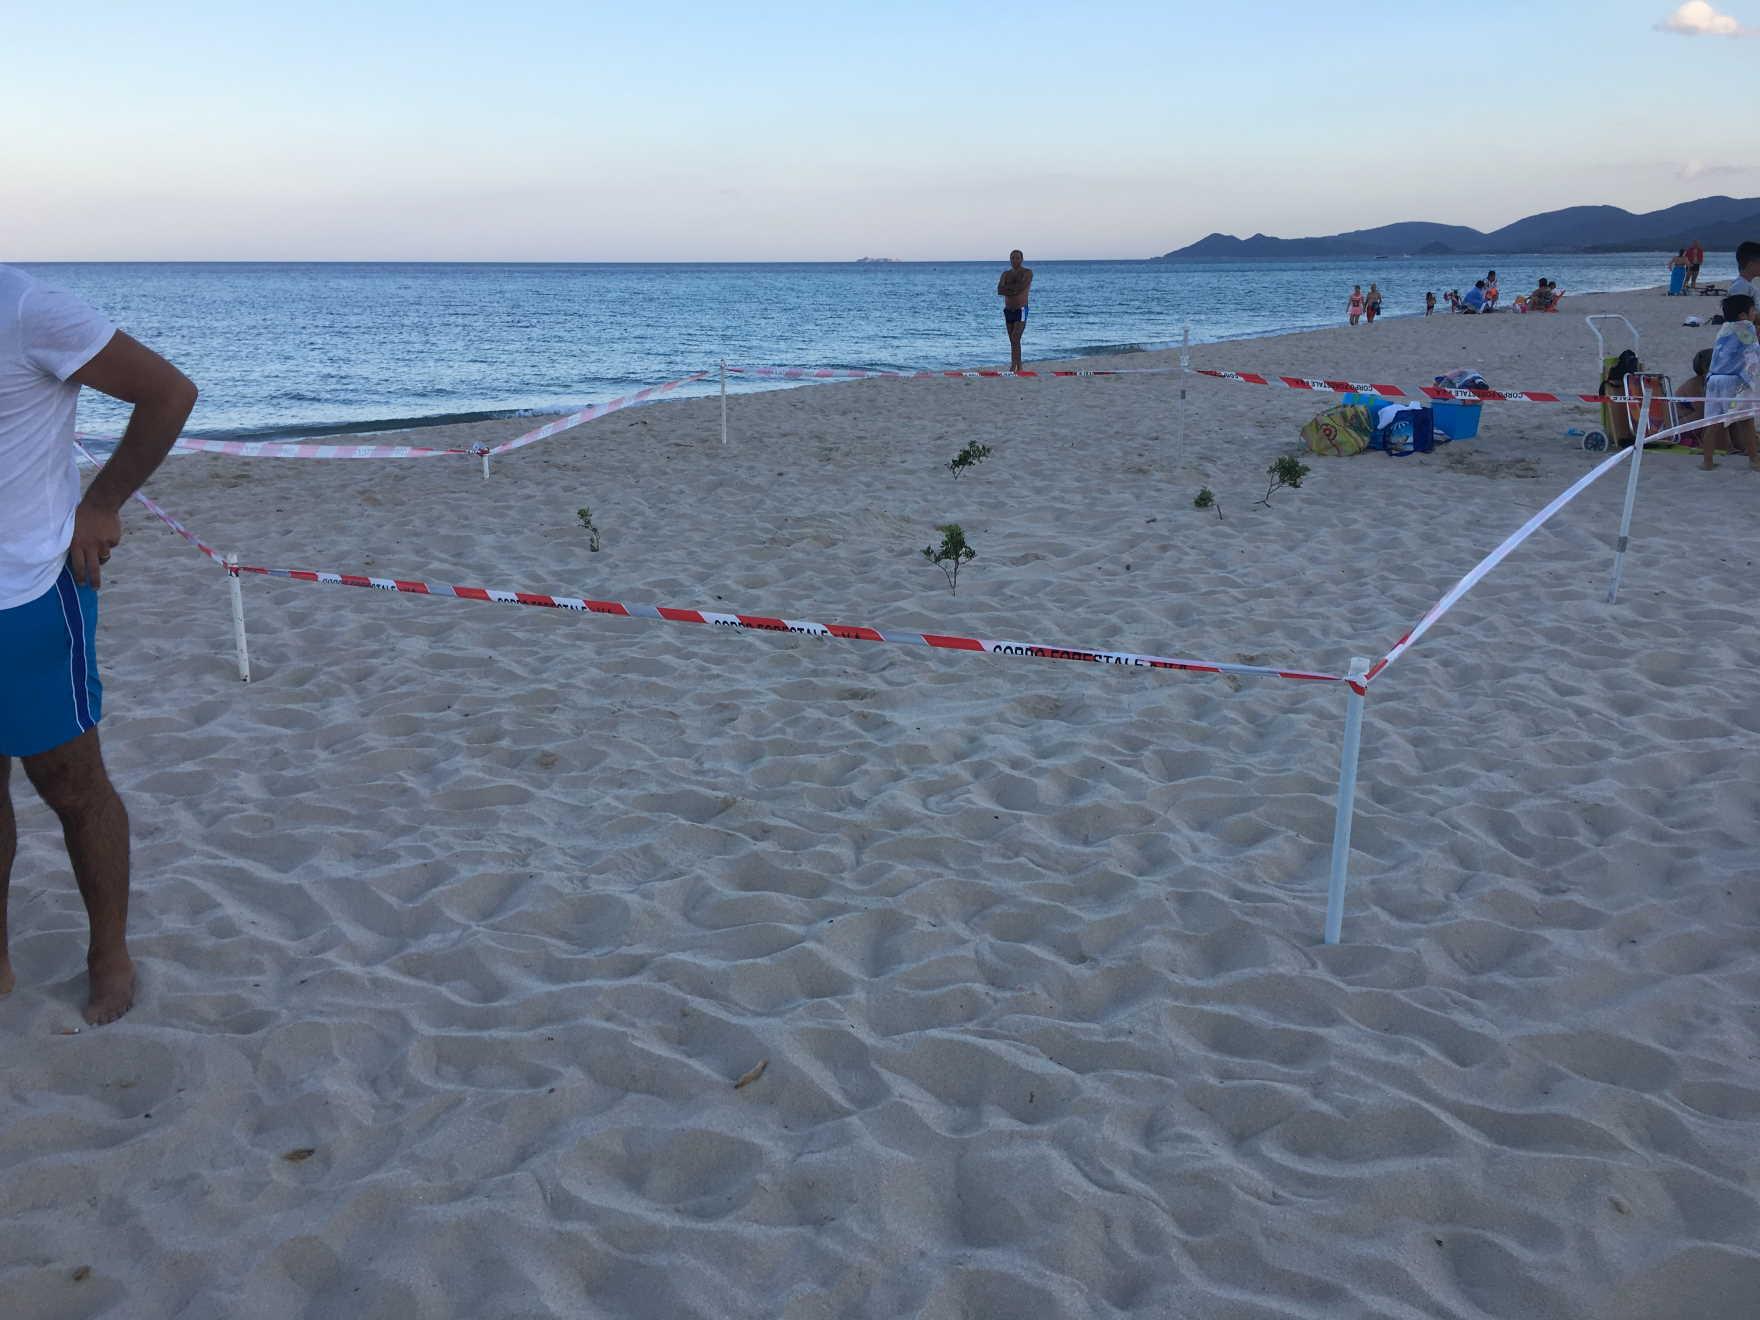 La caretta caretta non dimentica muravera uova a piscina rei sardegna - Spiaggia piscina rei ...